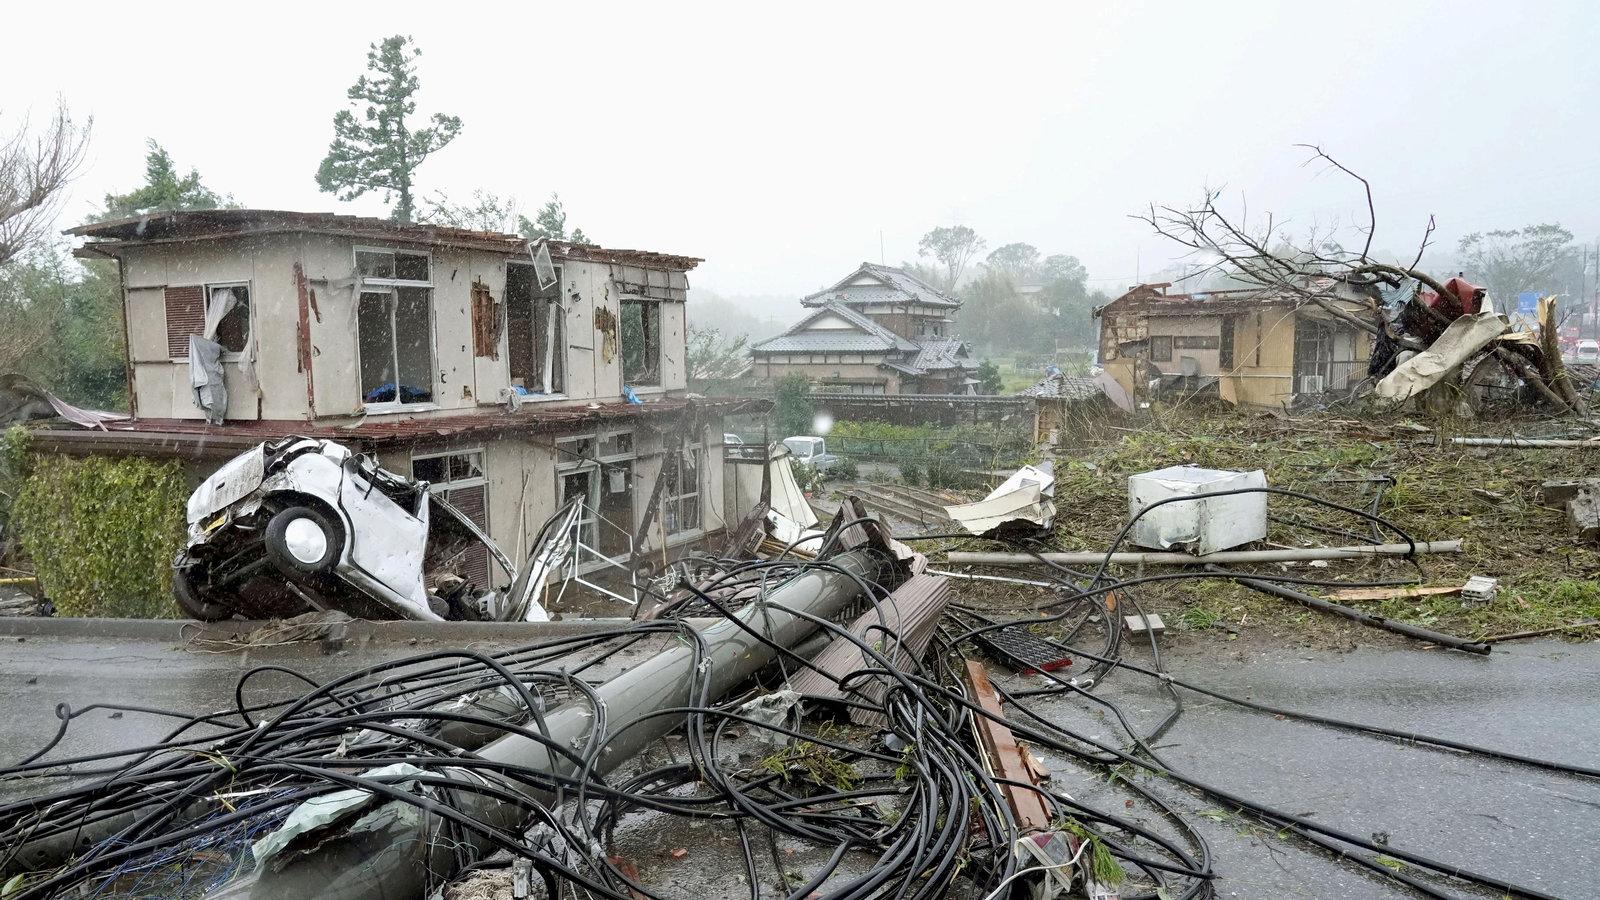 Fredag 6 december 2019 – Årets katastrofer i Japan